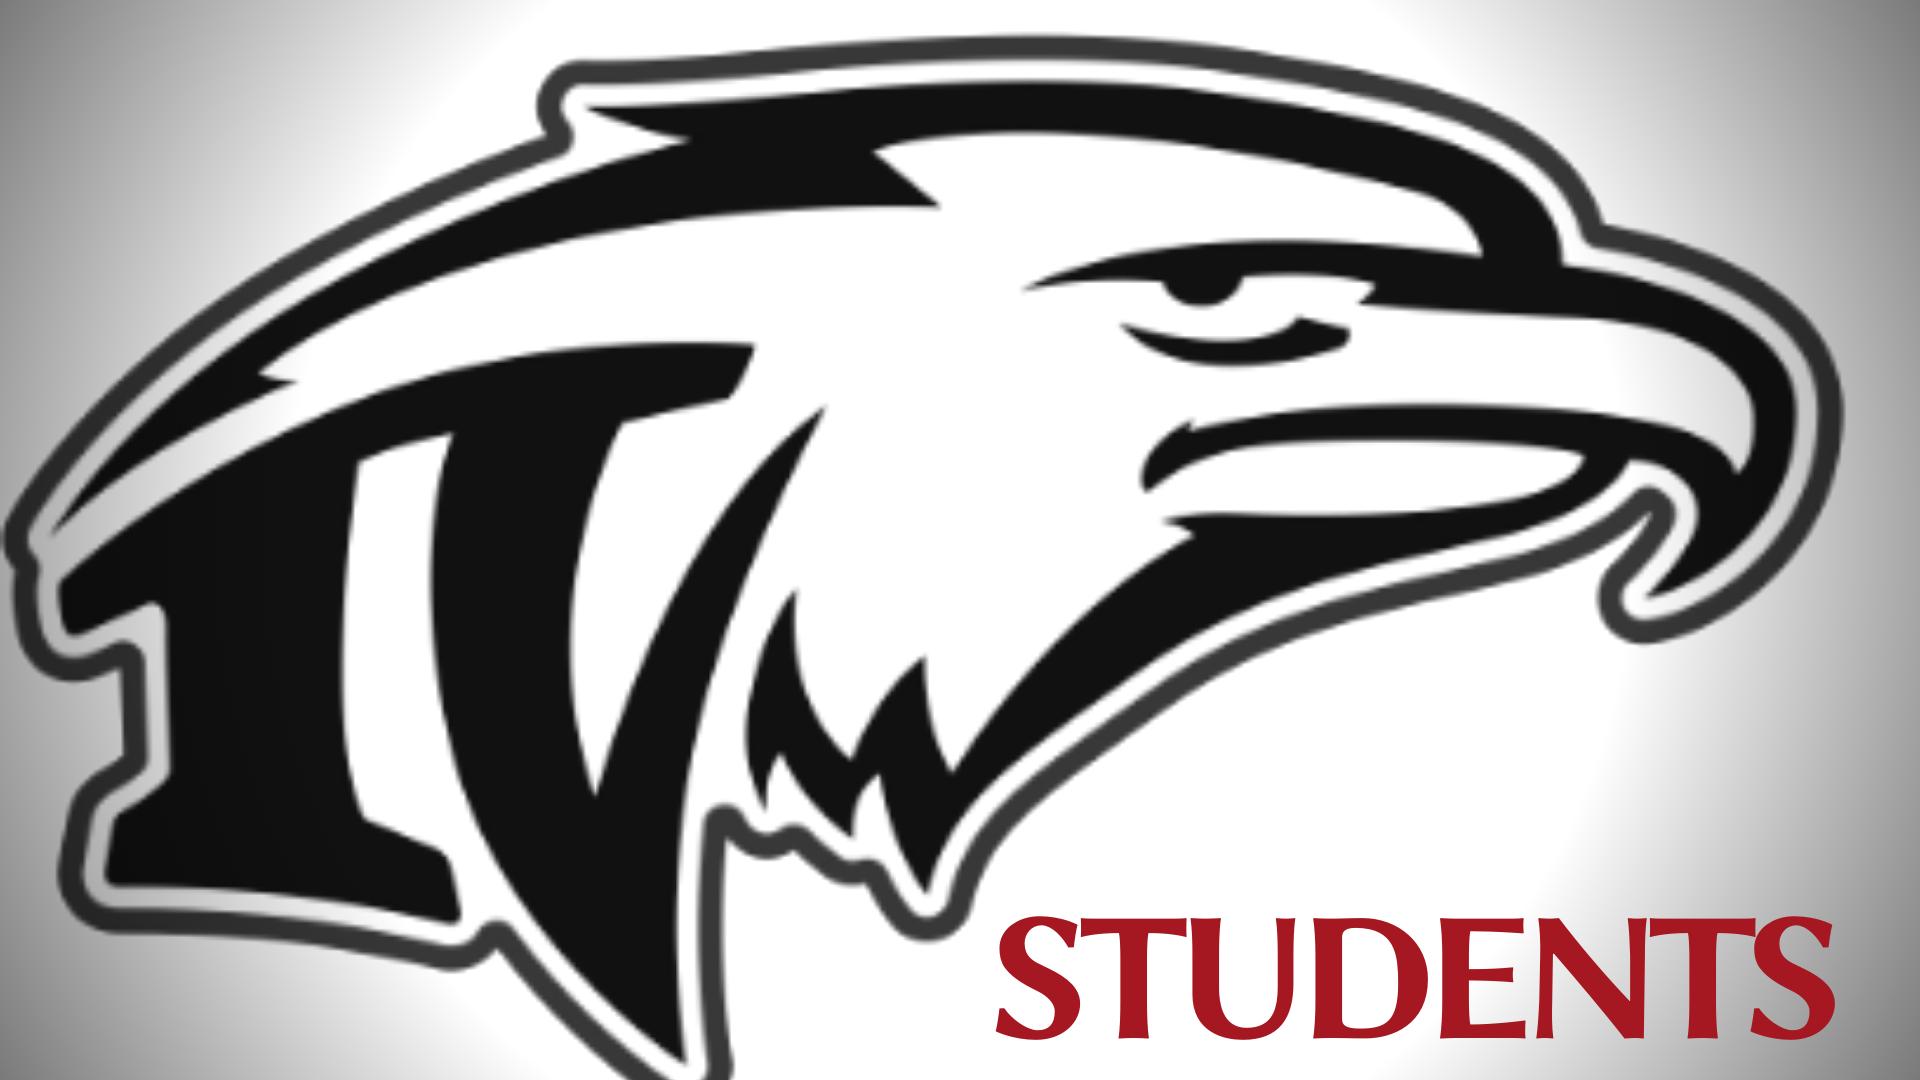 IVAS Students